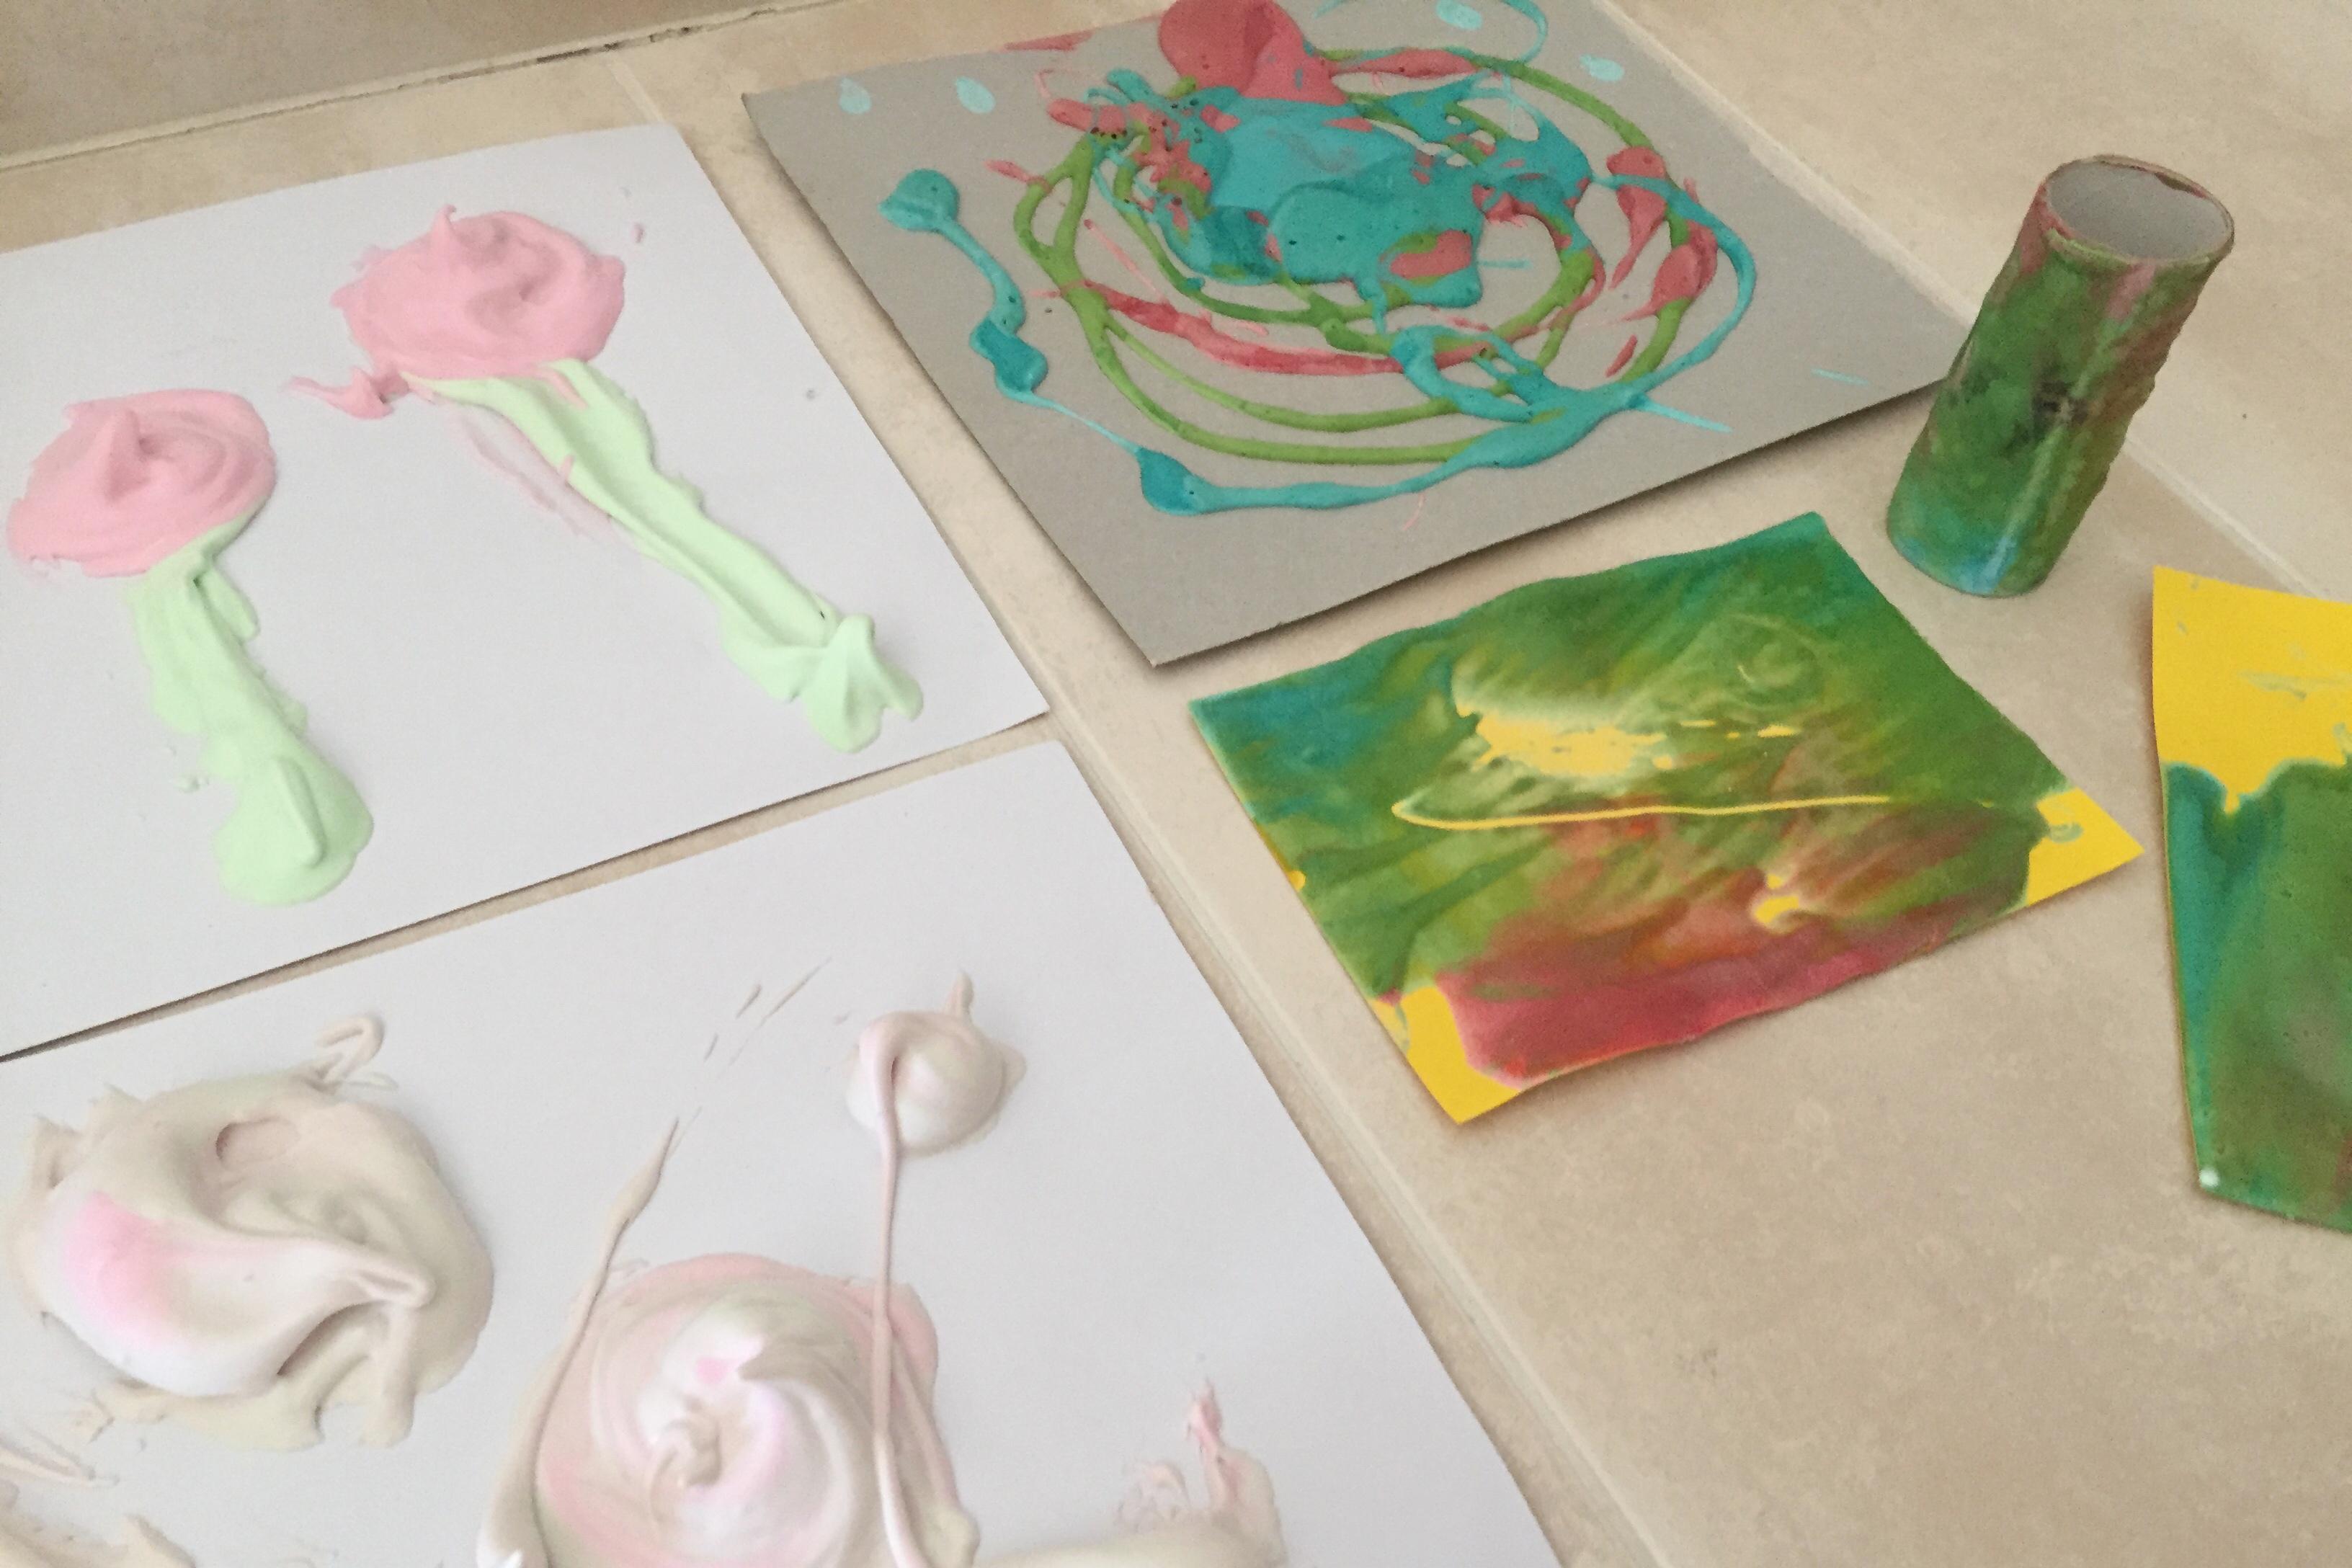 manualidades con pintura 3d casera